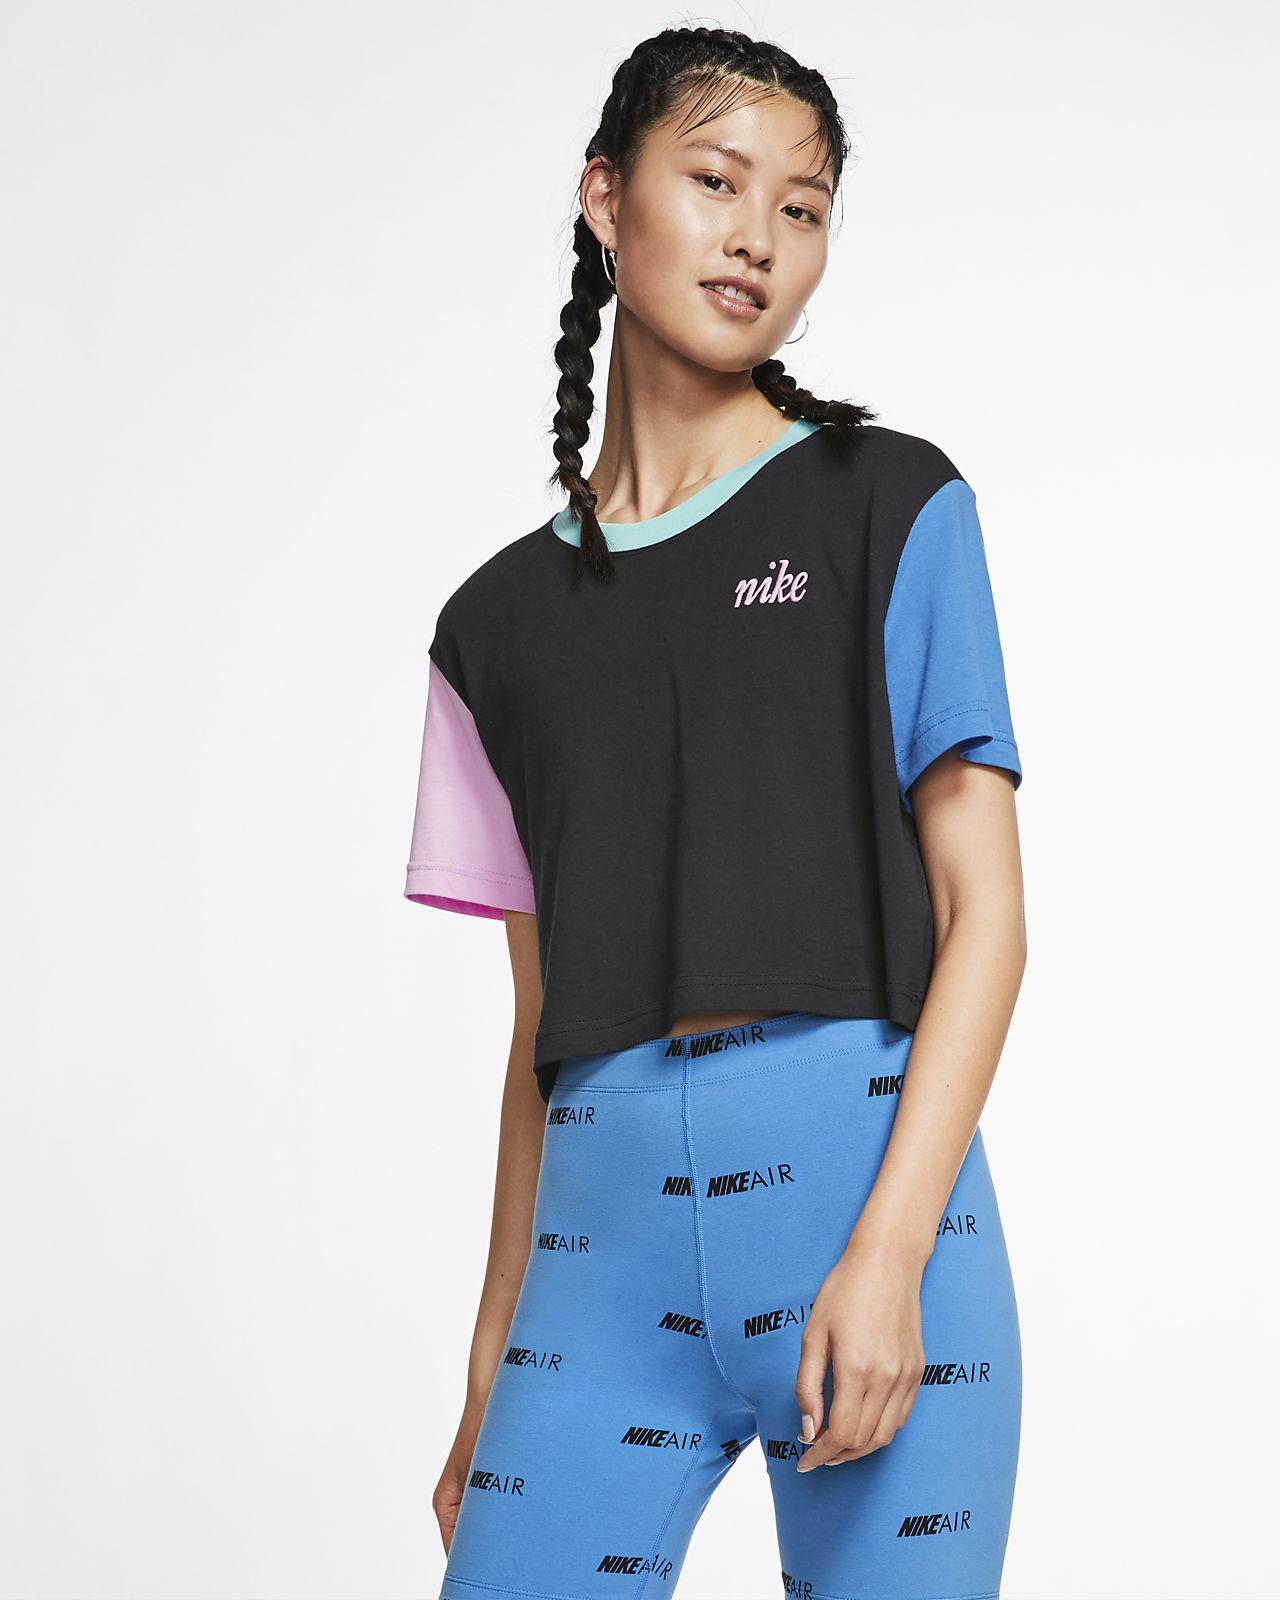 Nike Sportswear rövid szabású női póló